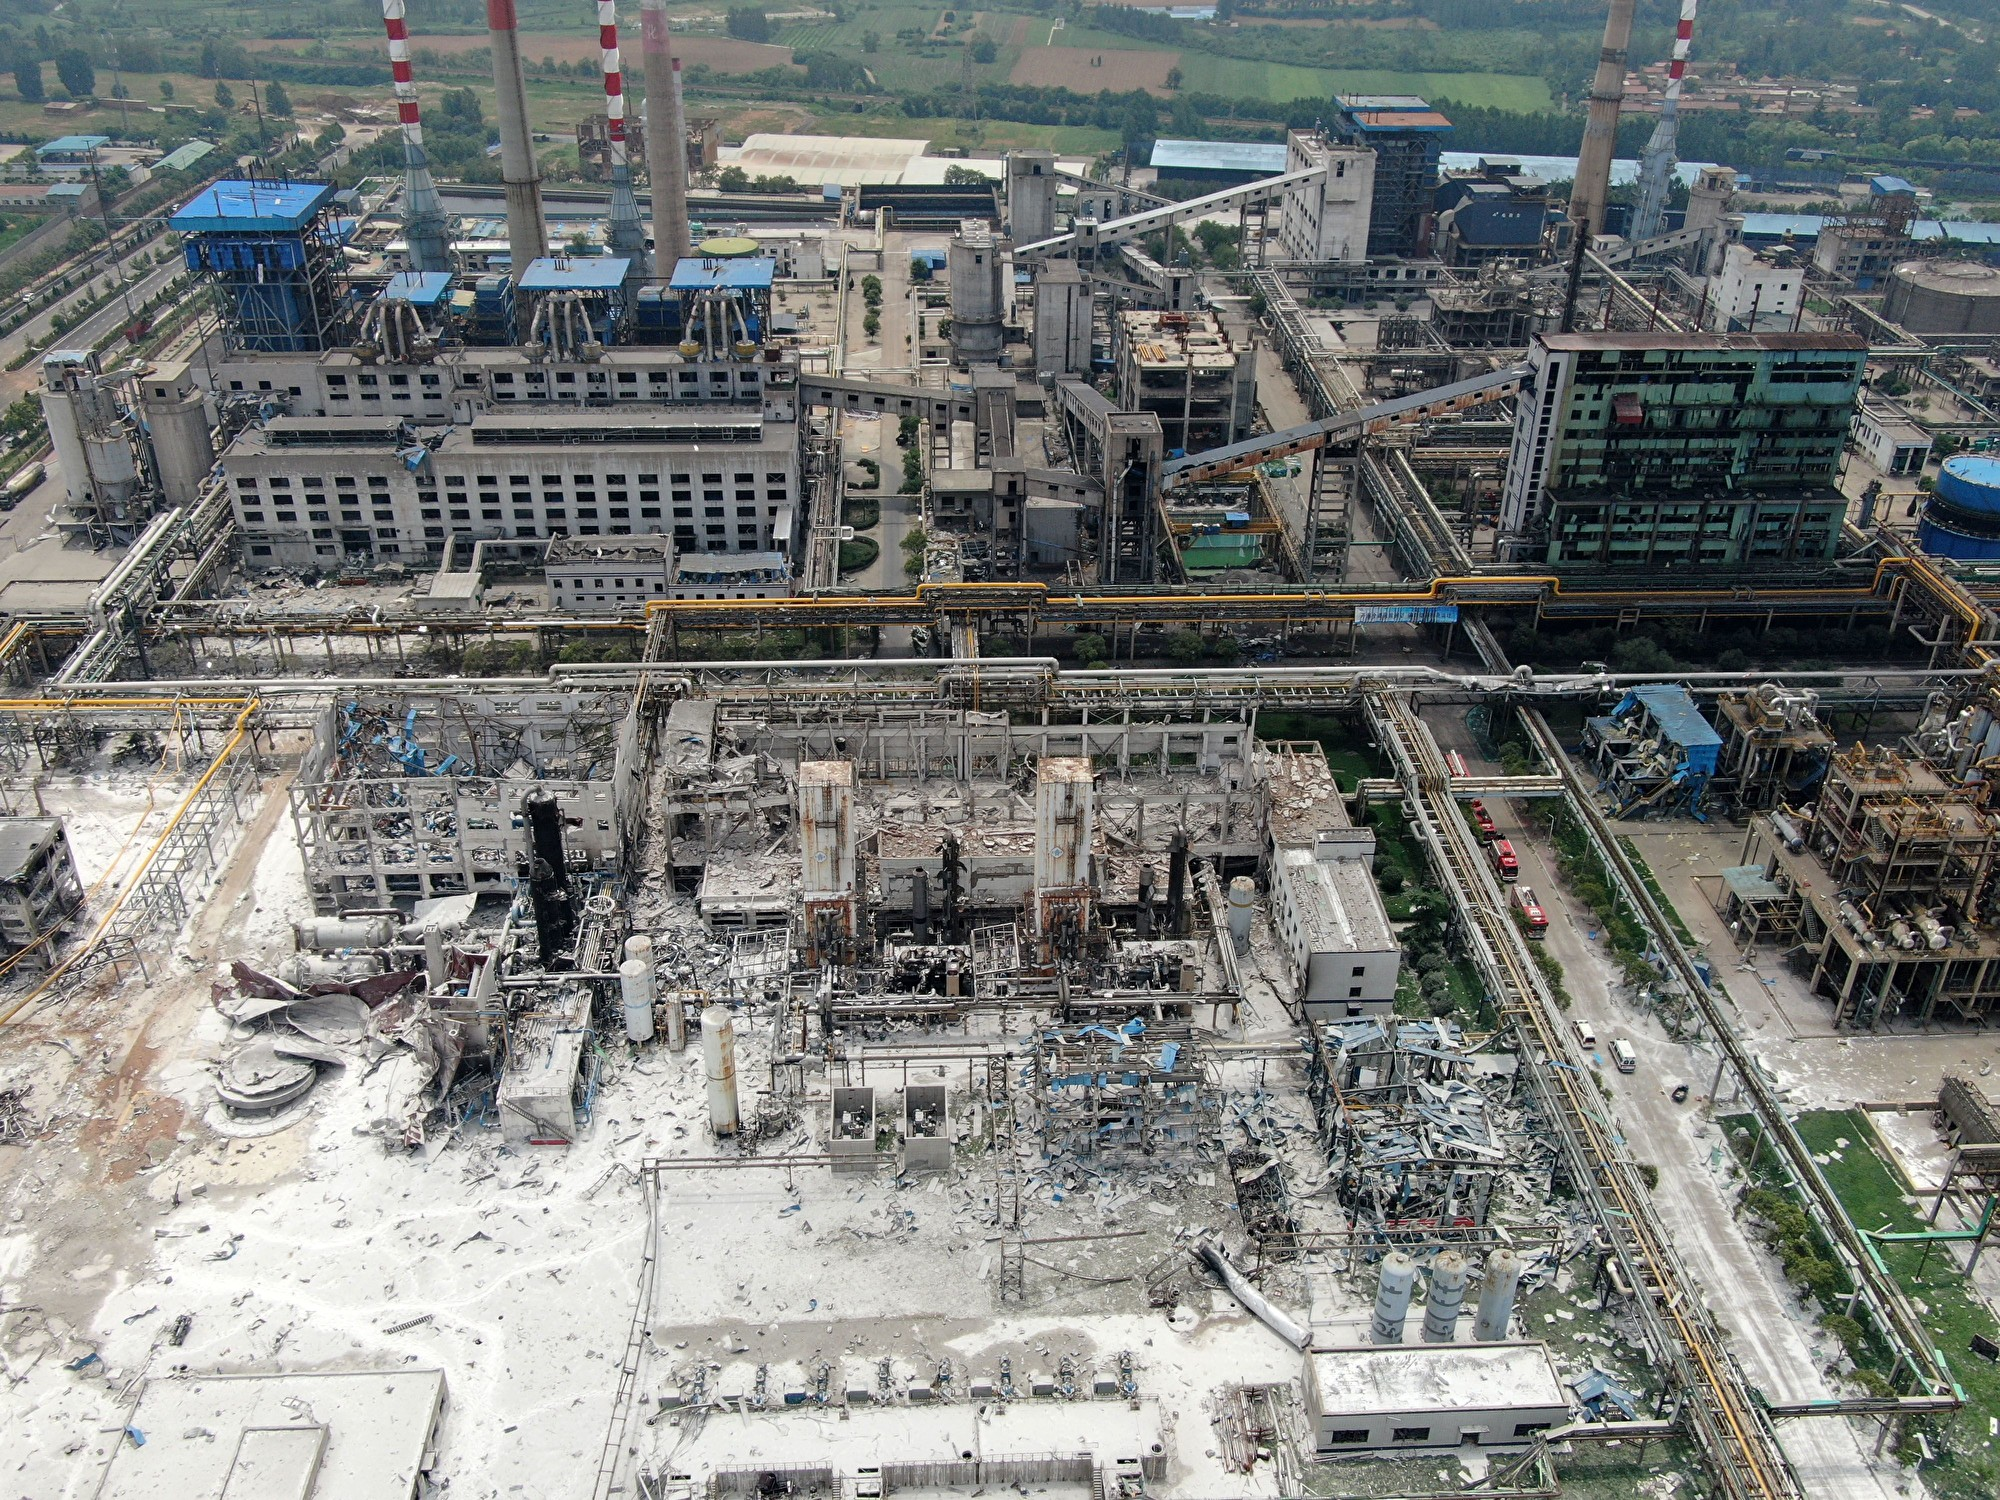 河南義馬大爆炸 死難家屬:當局封鎖消息